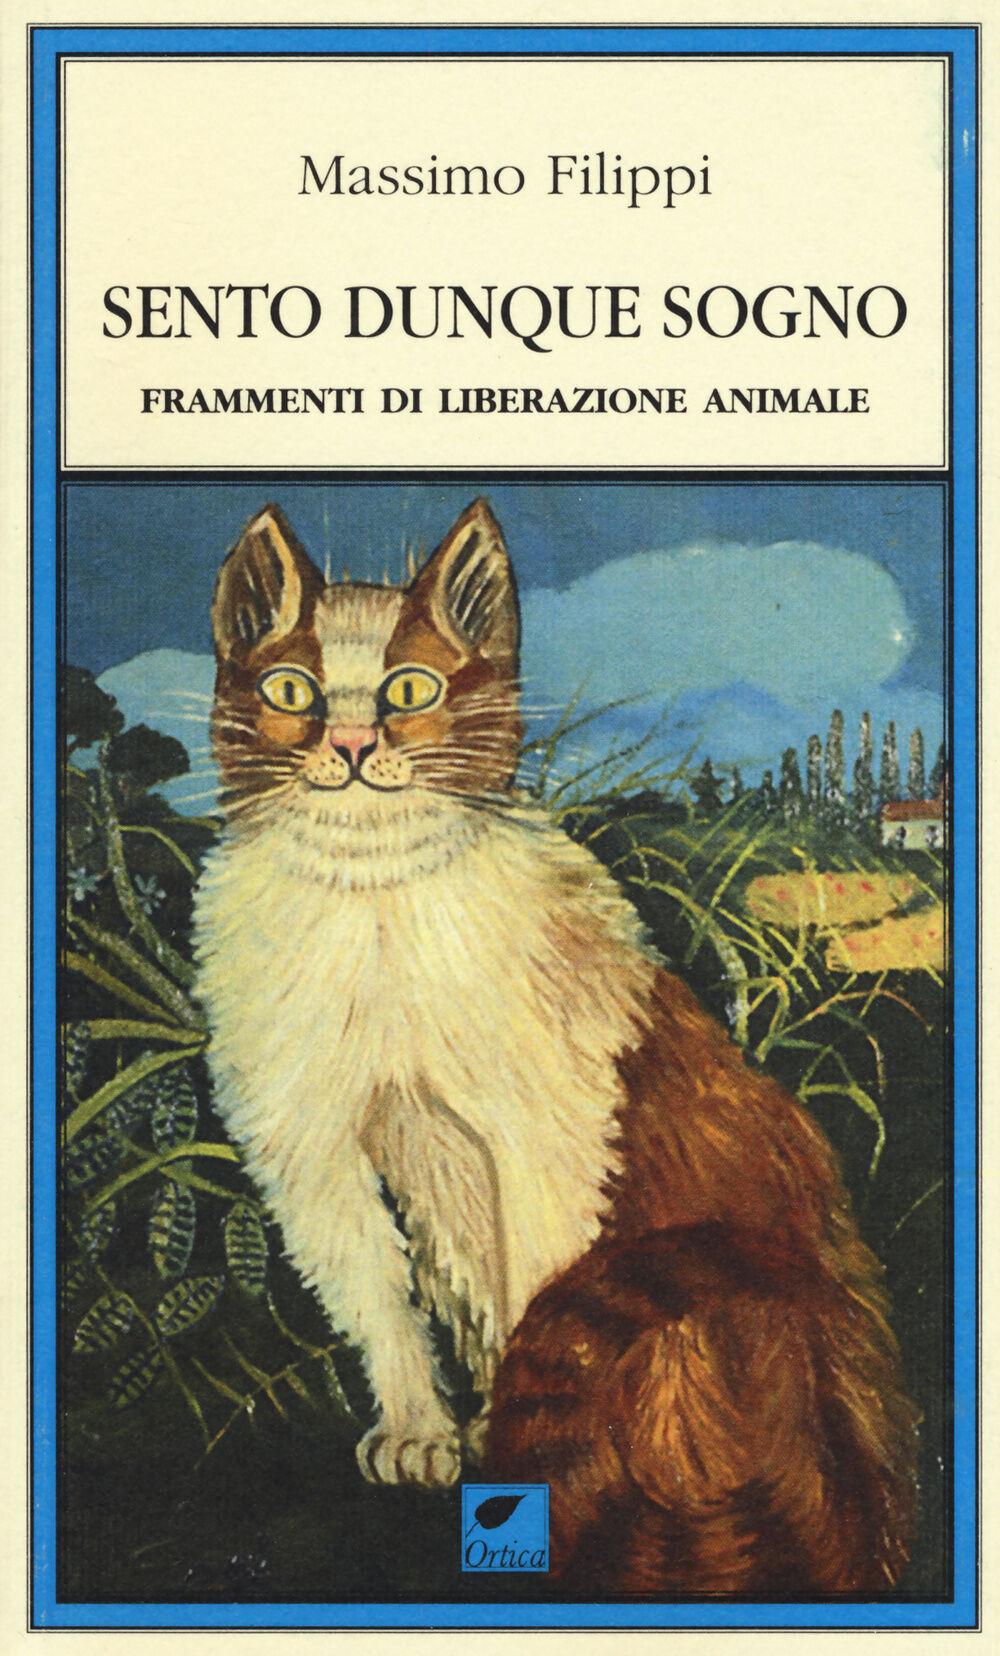 Sento dunque sogno. Frammenti di liberazione animale